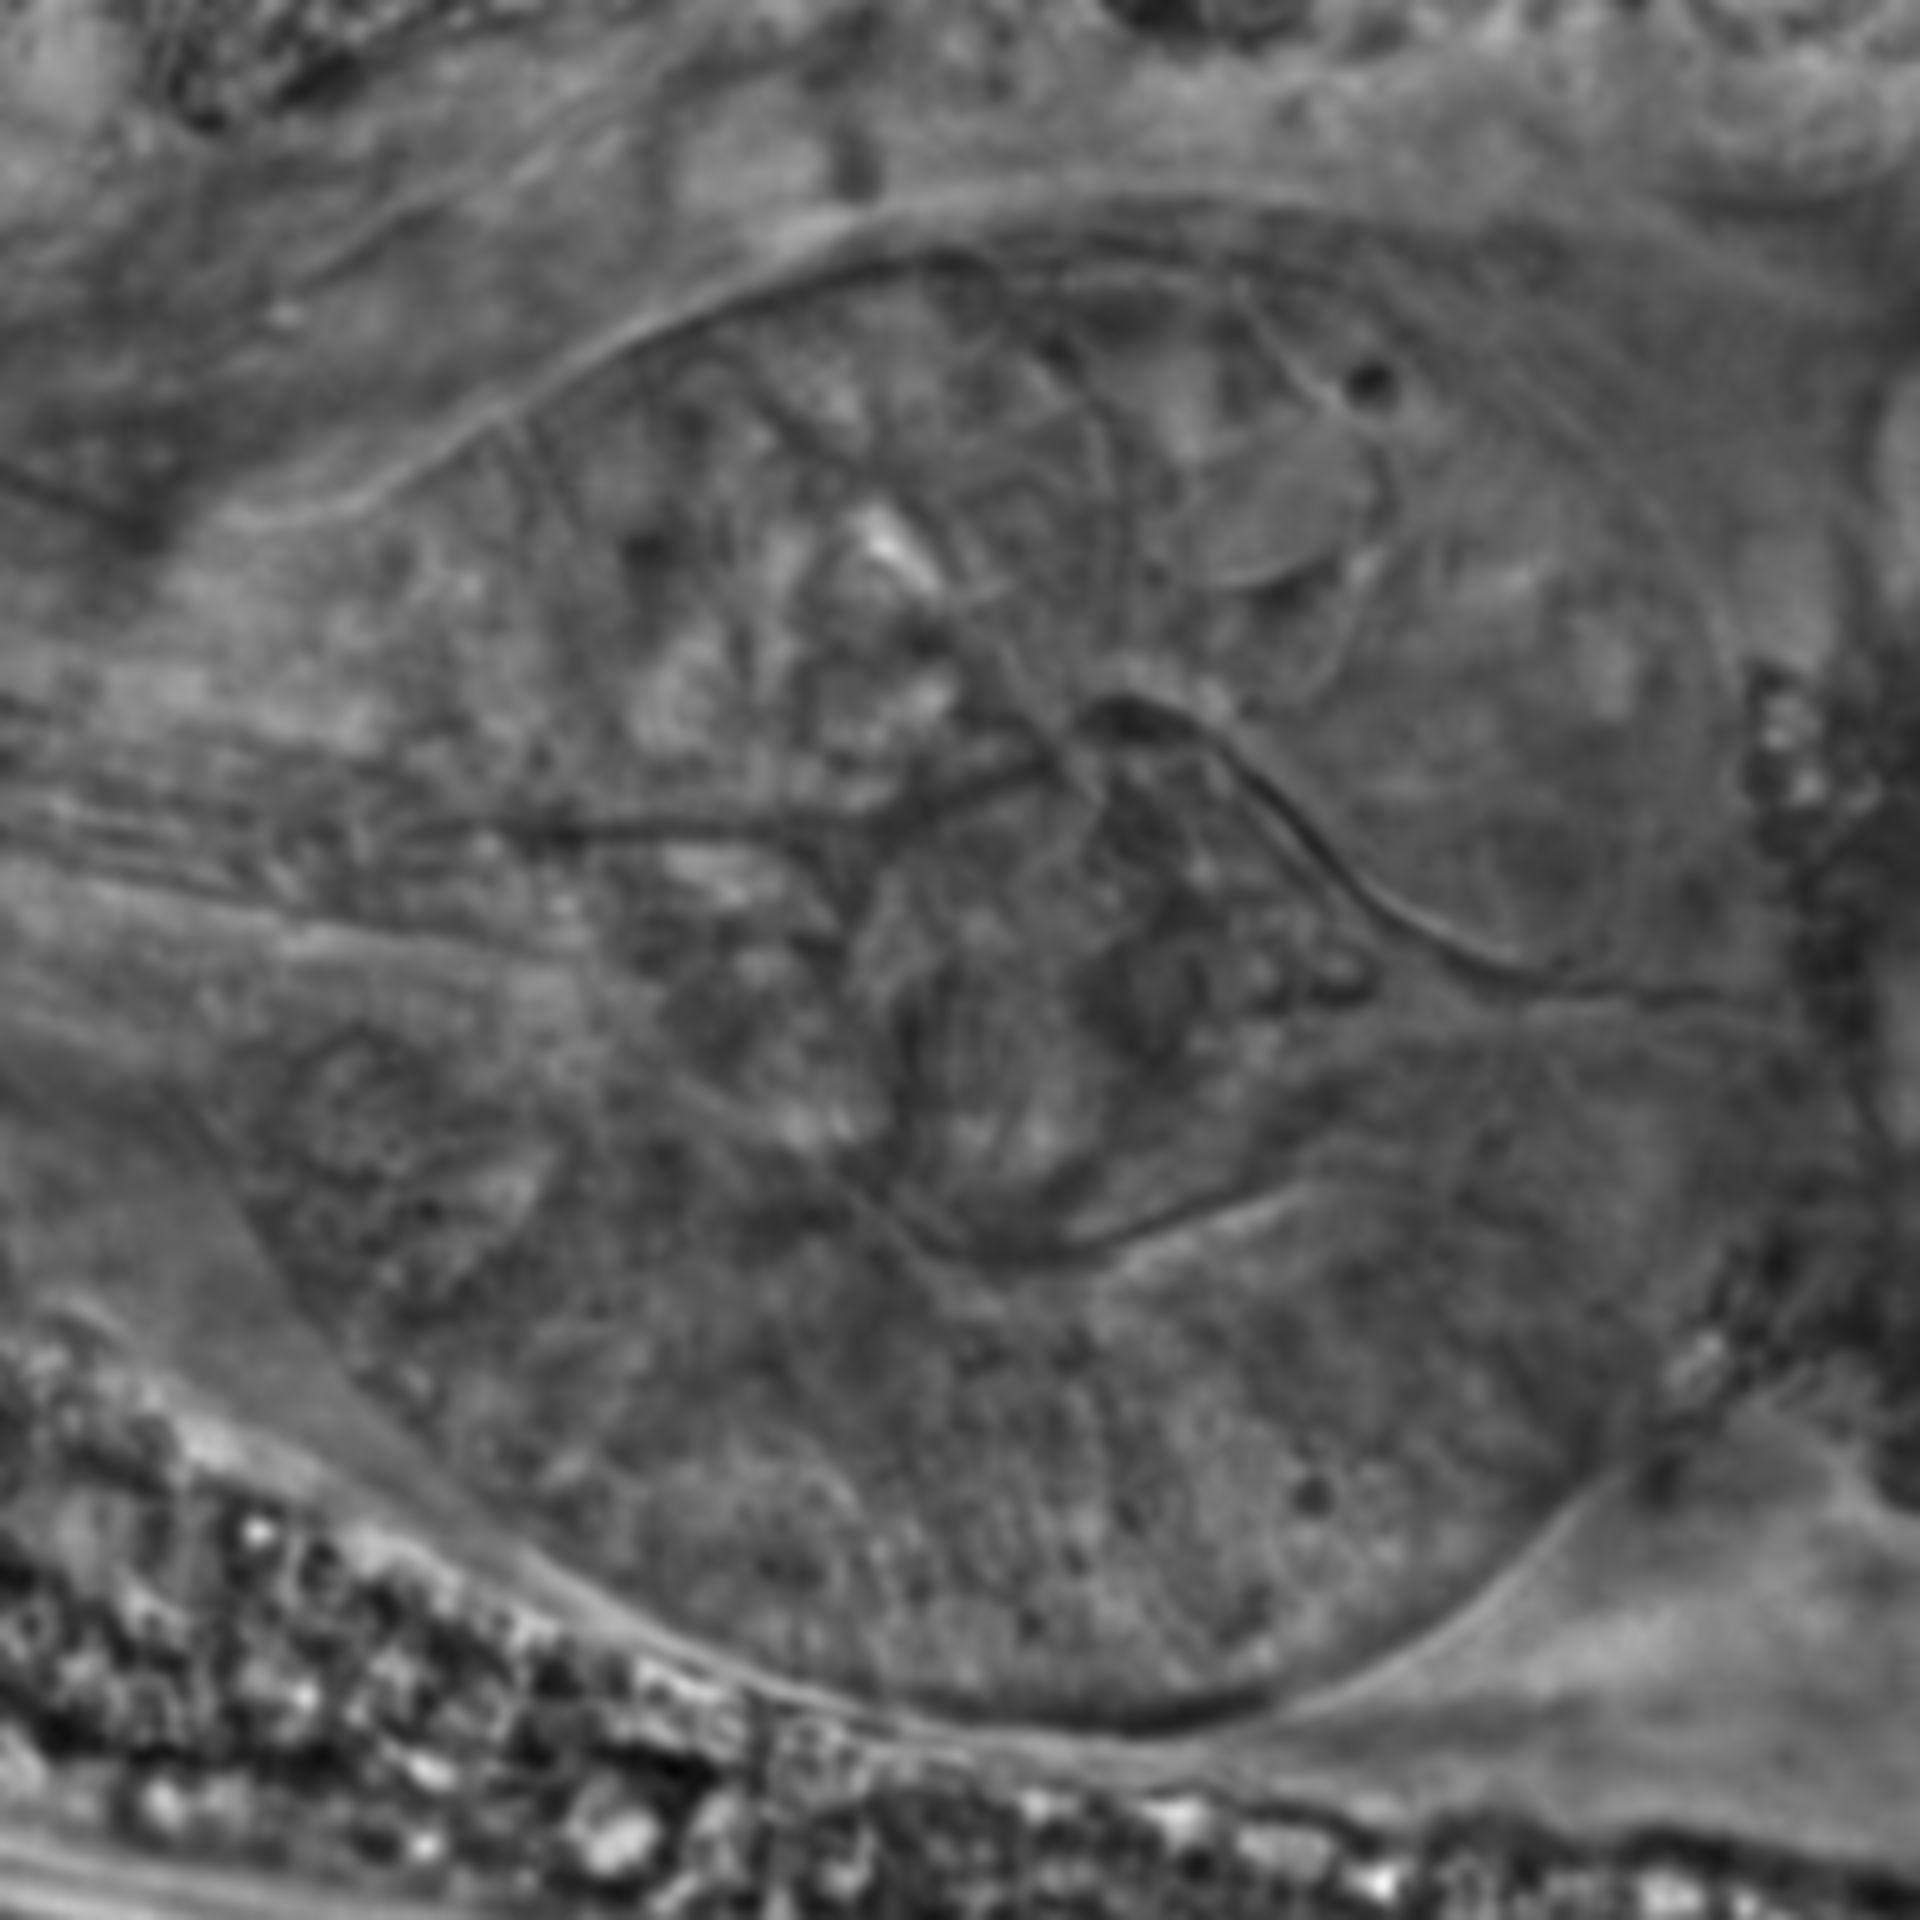 Caenorhabditis elegans - CIL:2665